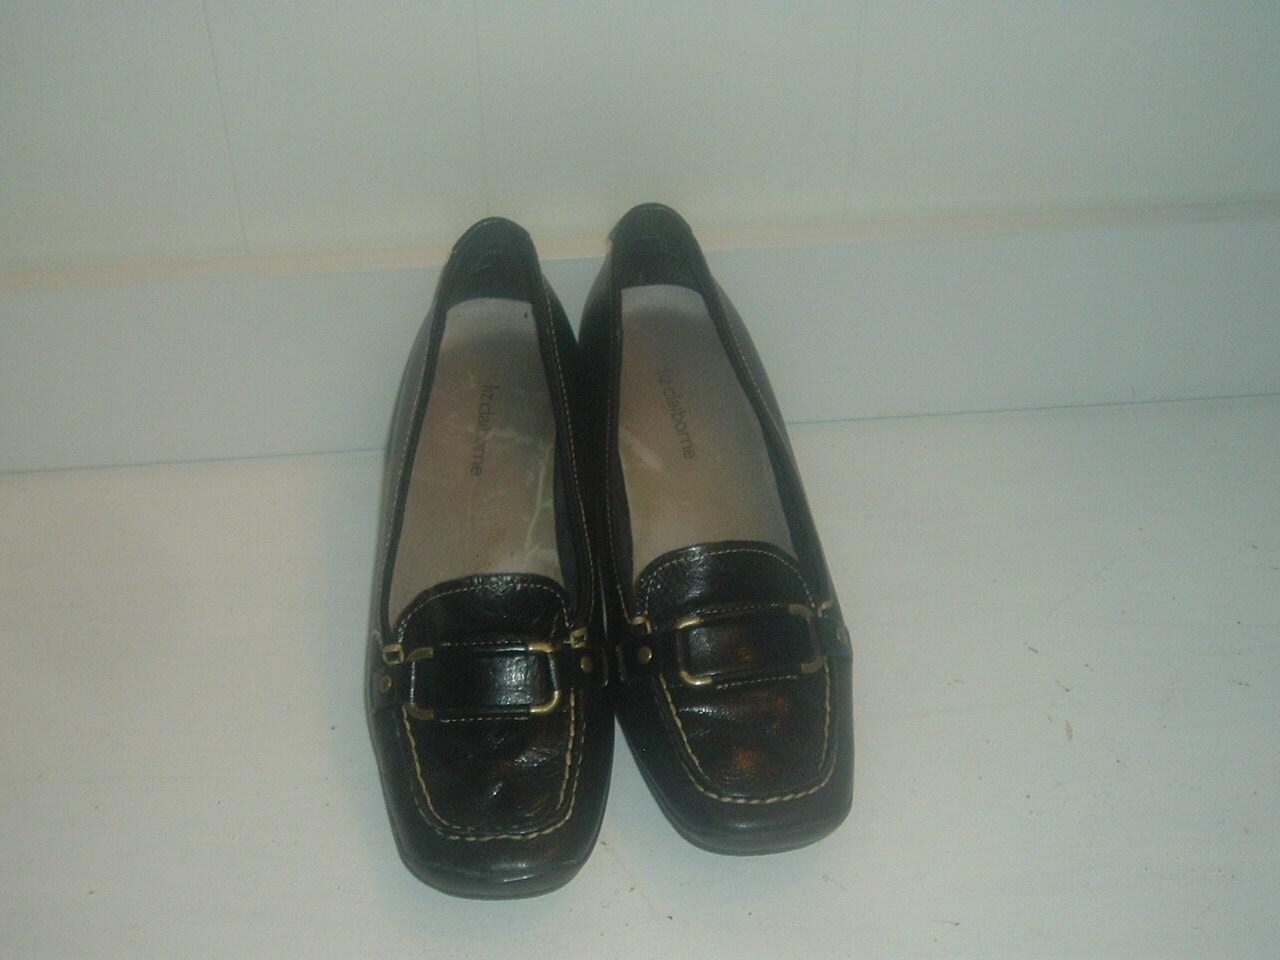 vintage leather black wedge shoes liz claiborne 8m